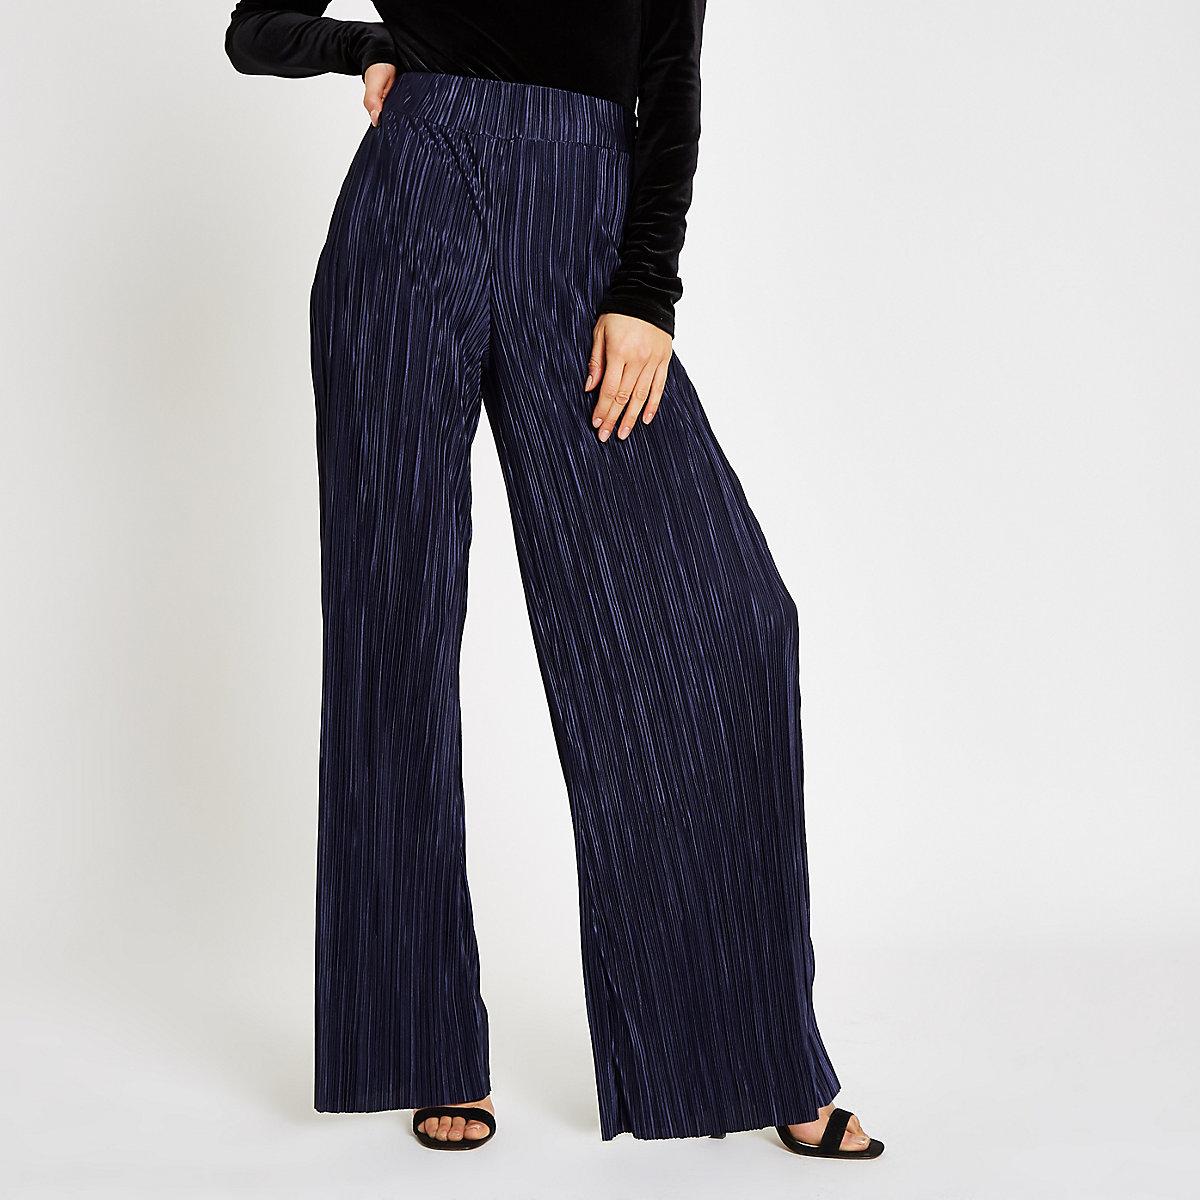 Pantalon large plissé bleu marine - Pantalons larges - Pantalons - Femme 77ac867165e